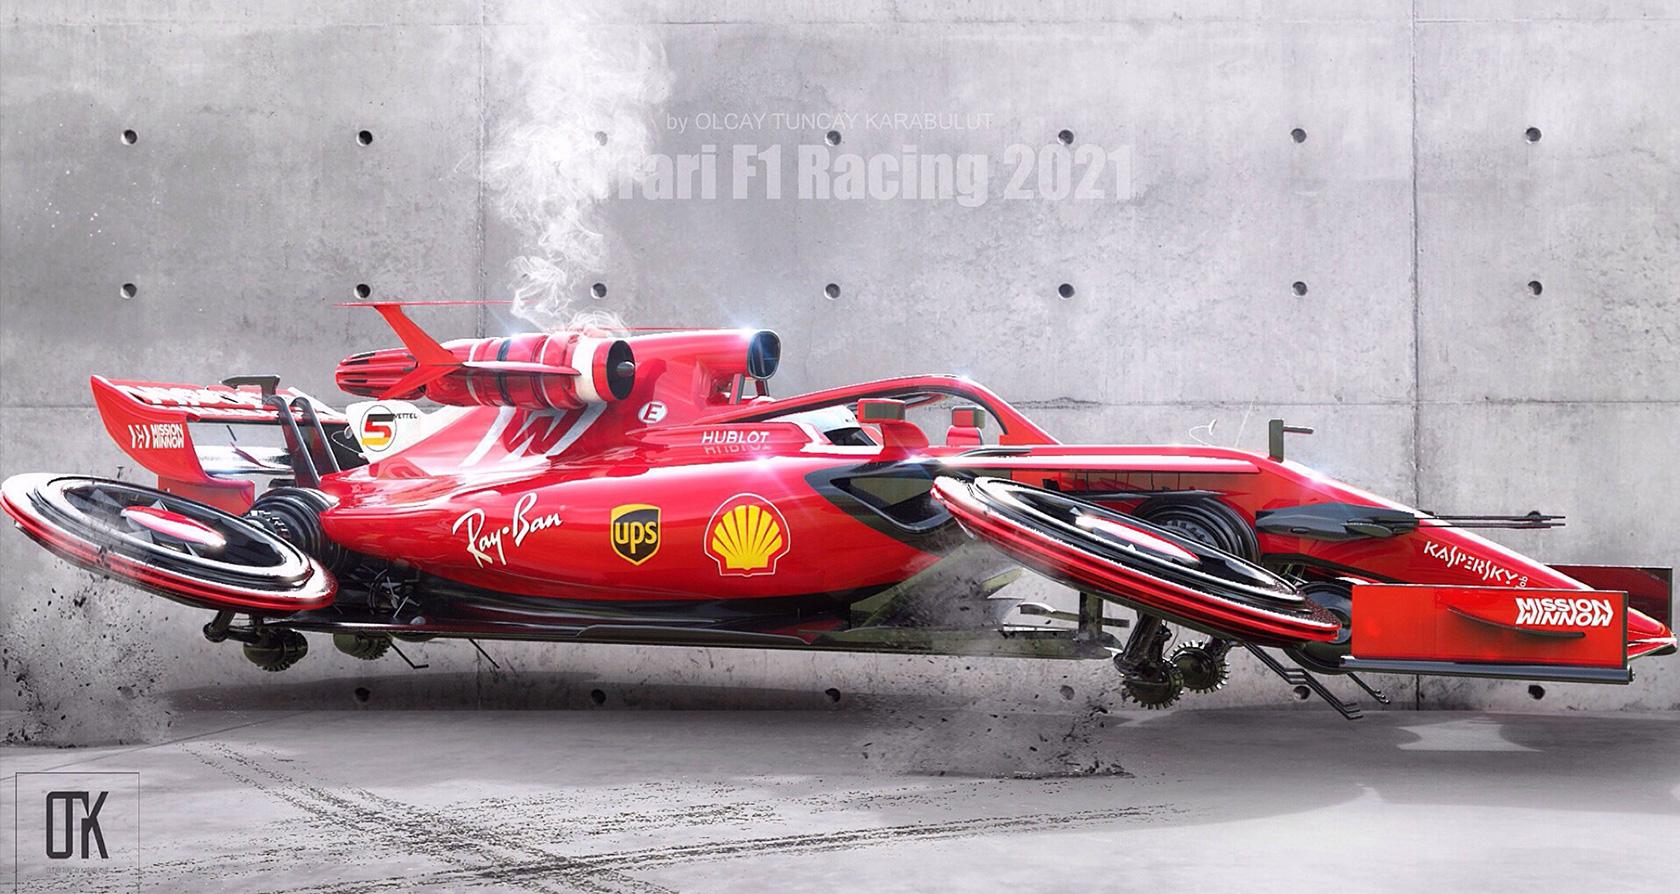 Ferrari F1 Landspeeder